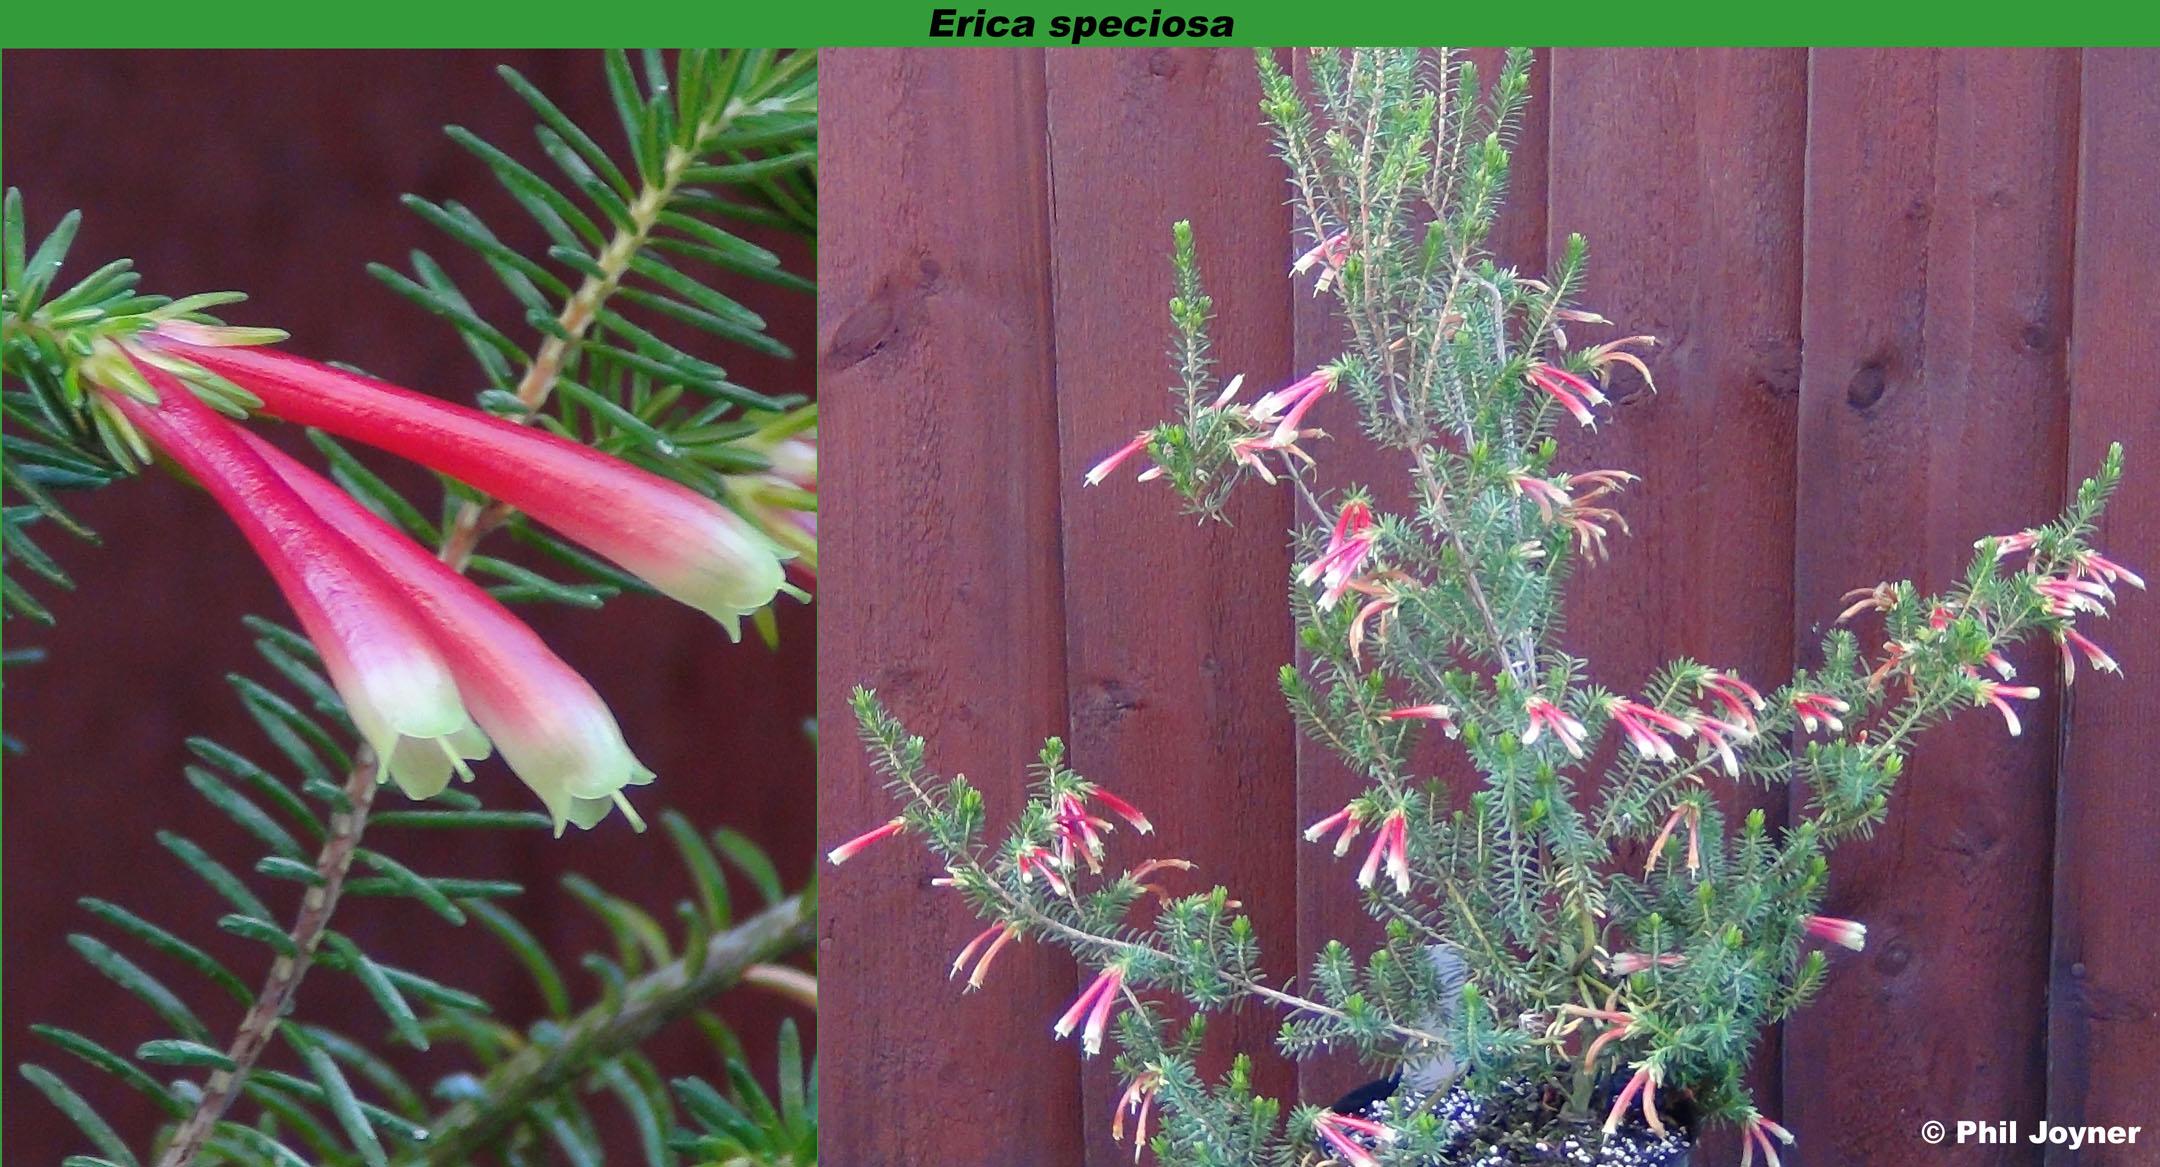 Erica speciosa